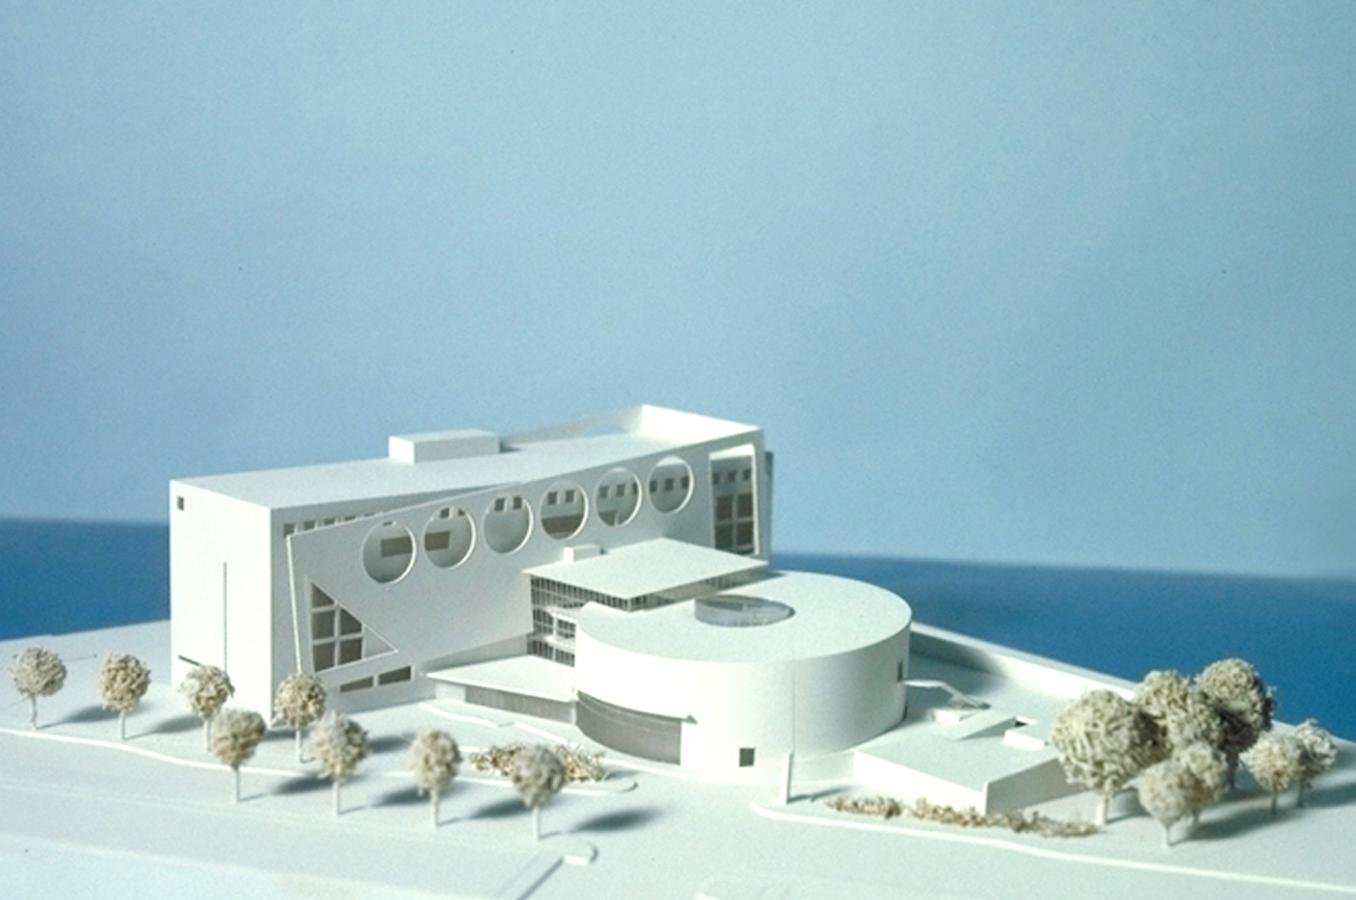 GMMK Gert M. MAYR-KEBER Sporthaus Eybl Vösendorf 1994